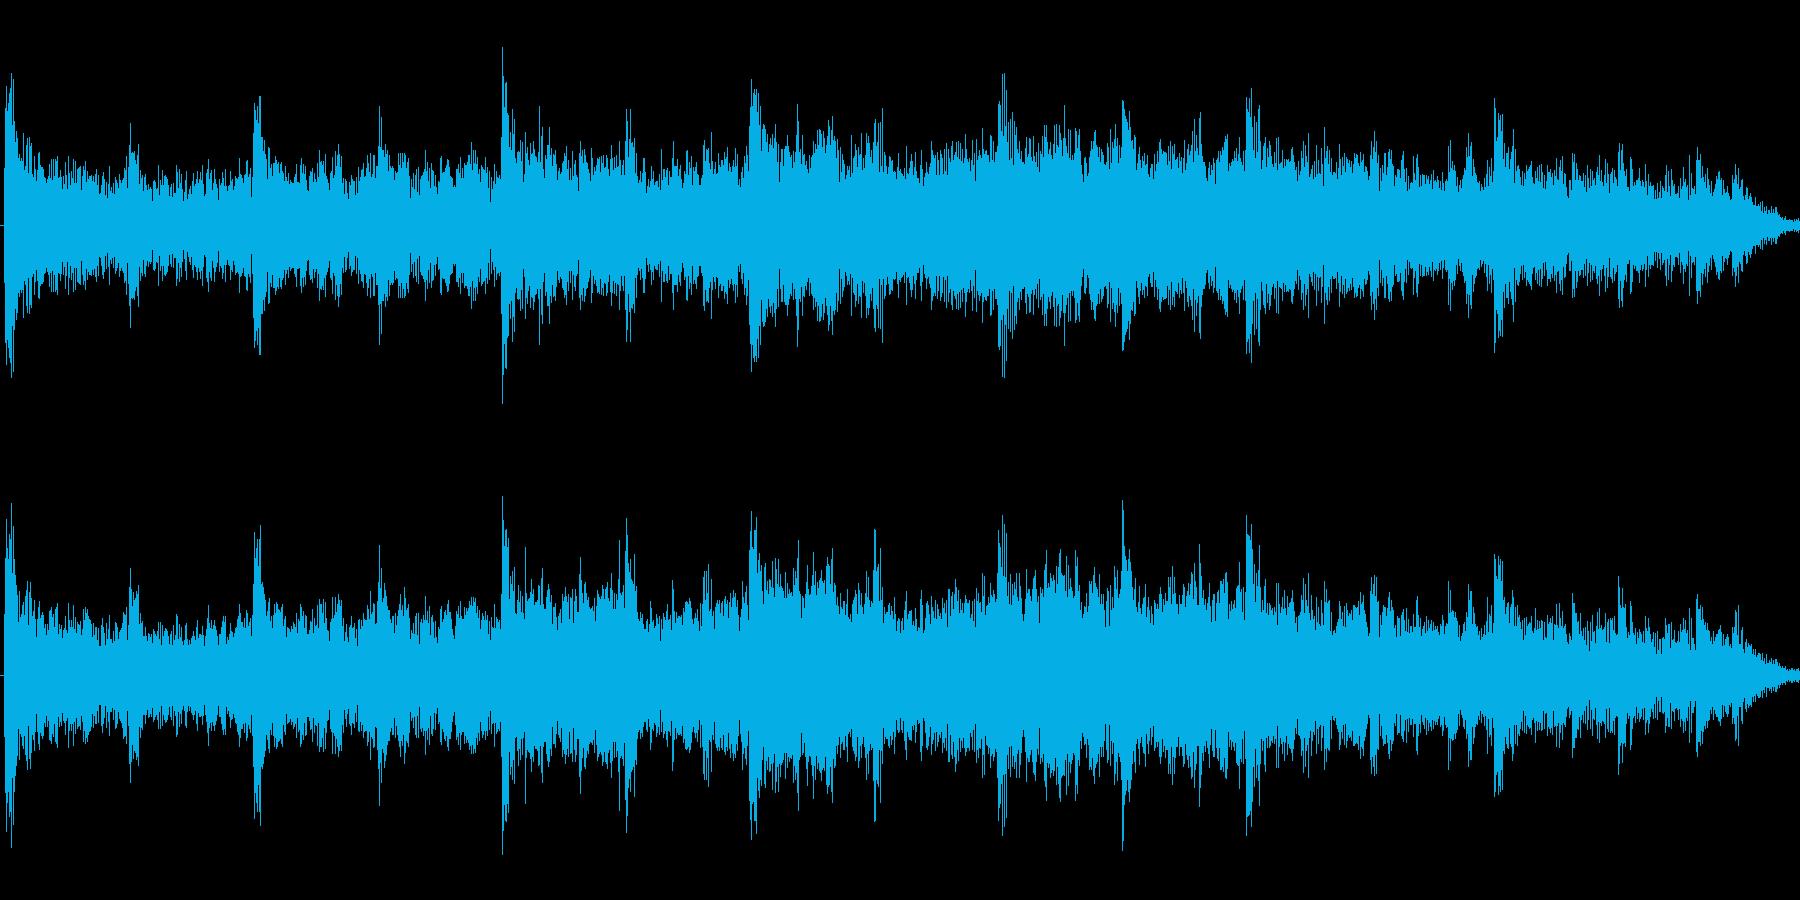 ミステリアスでダークなアンビエントの再生済みの波形